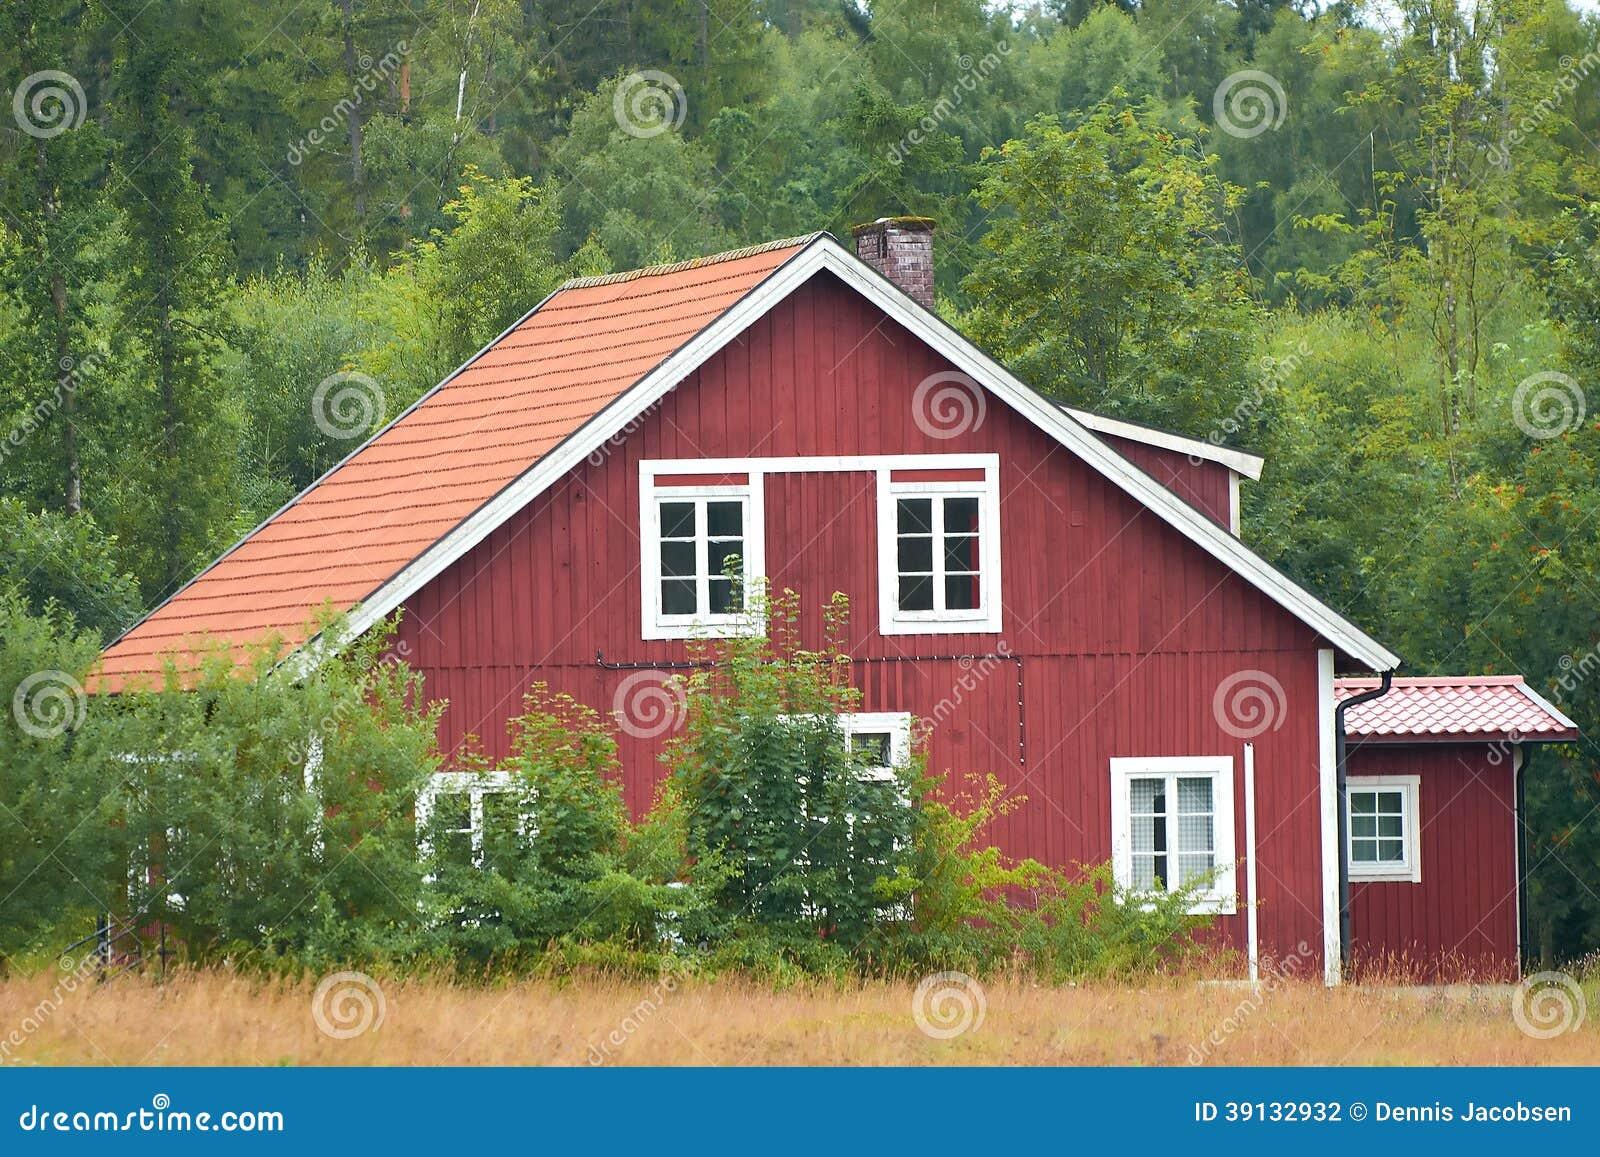 Maison en bois su doise rouge photo stock image 39132932 for Maison suedoise en bois